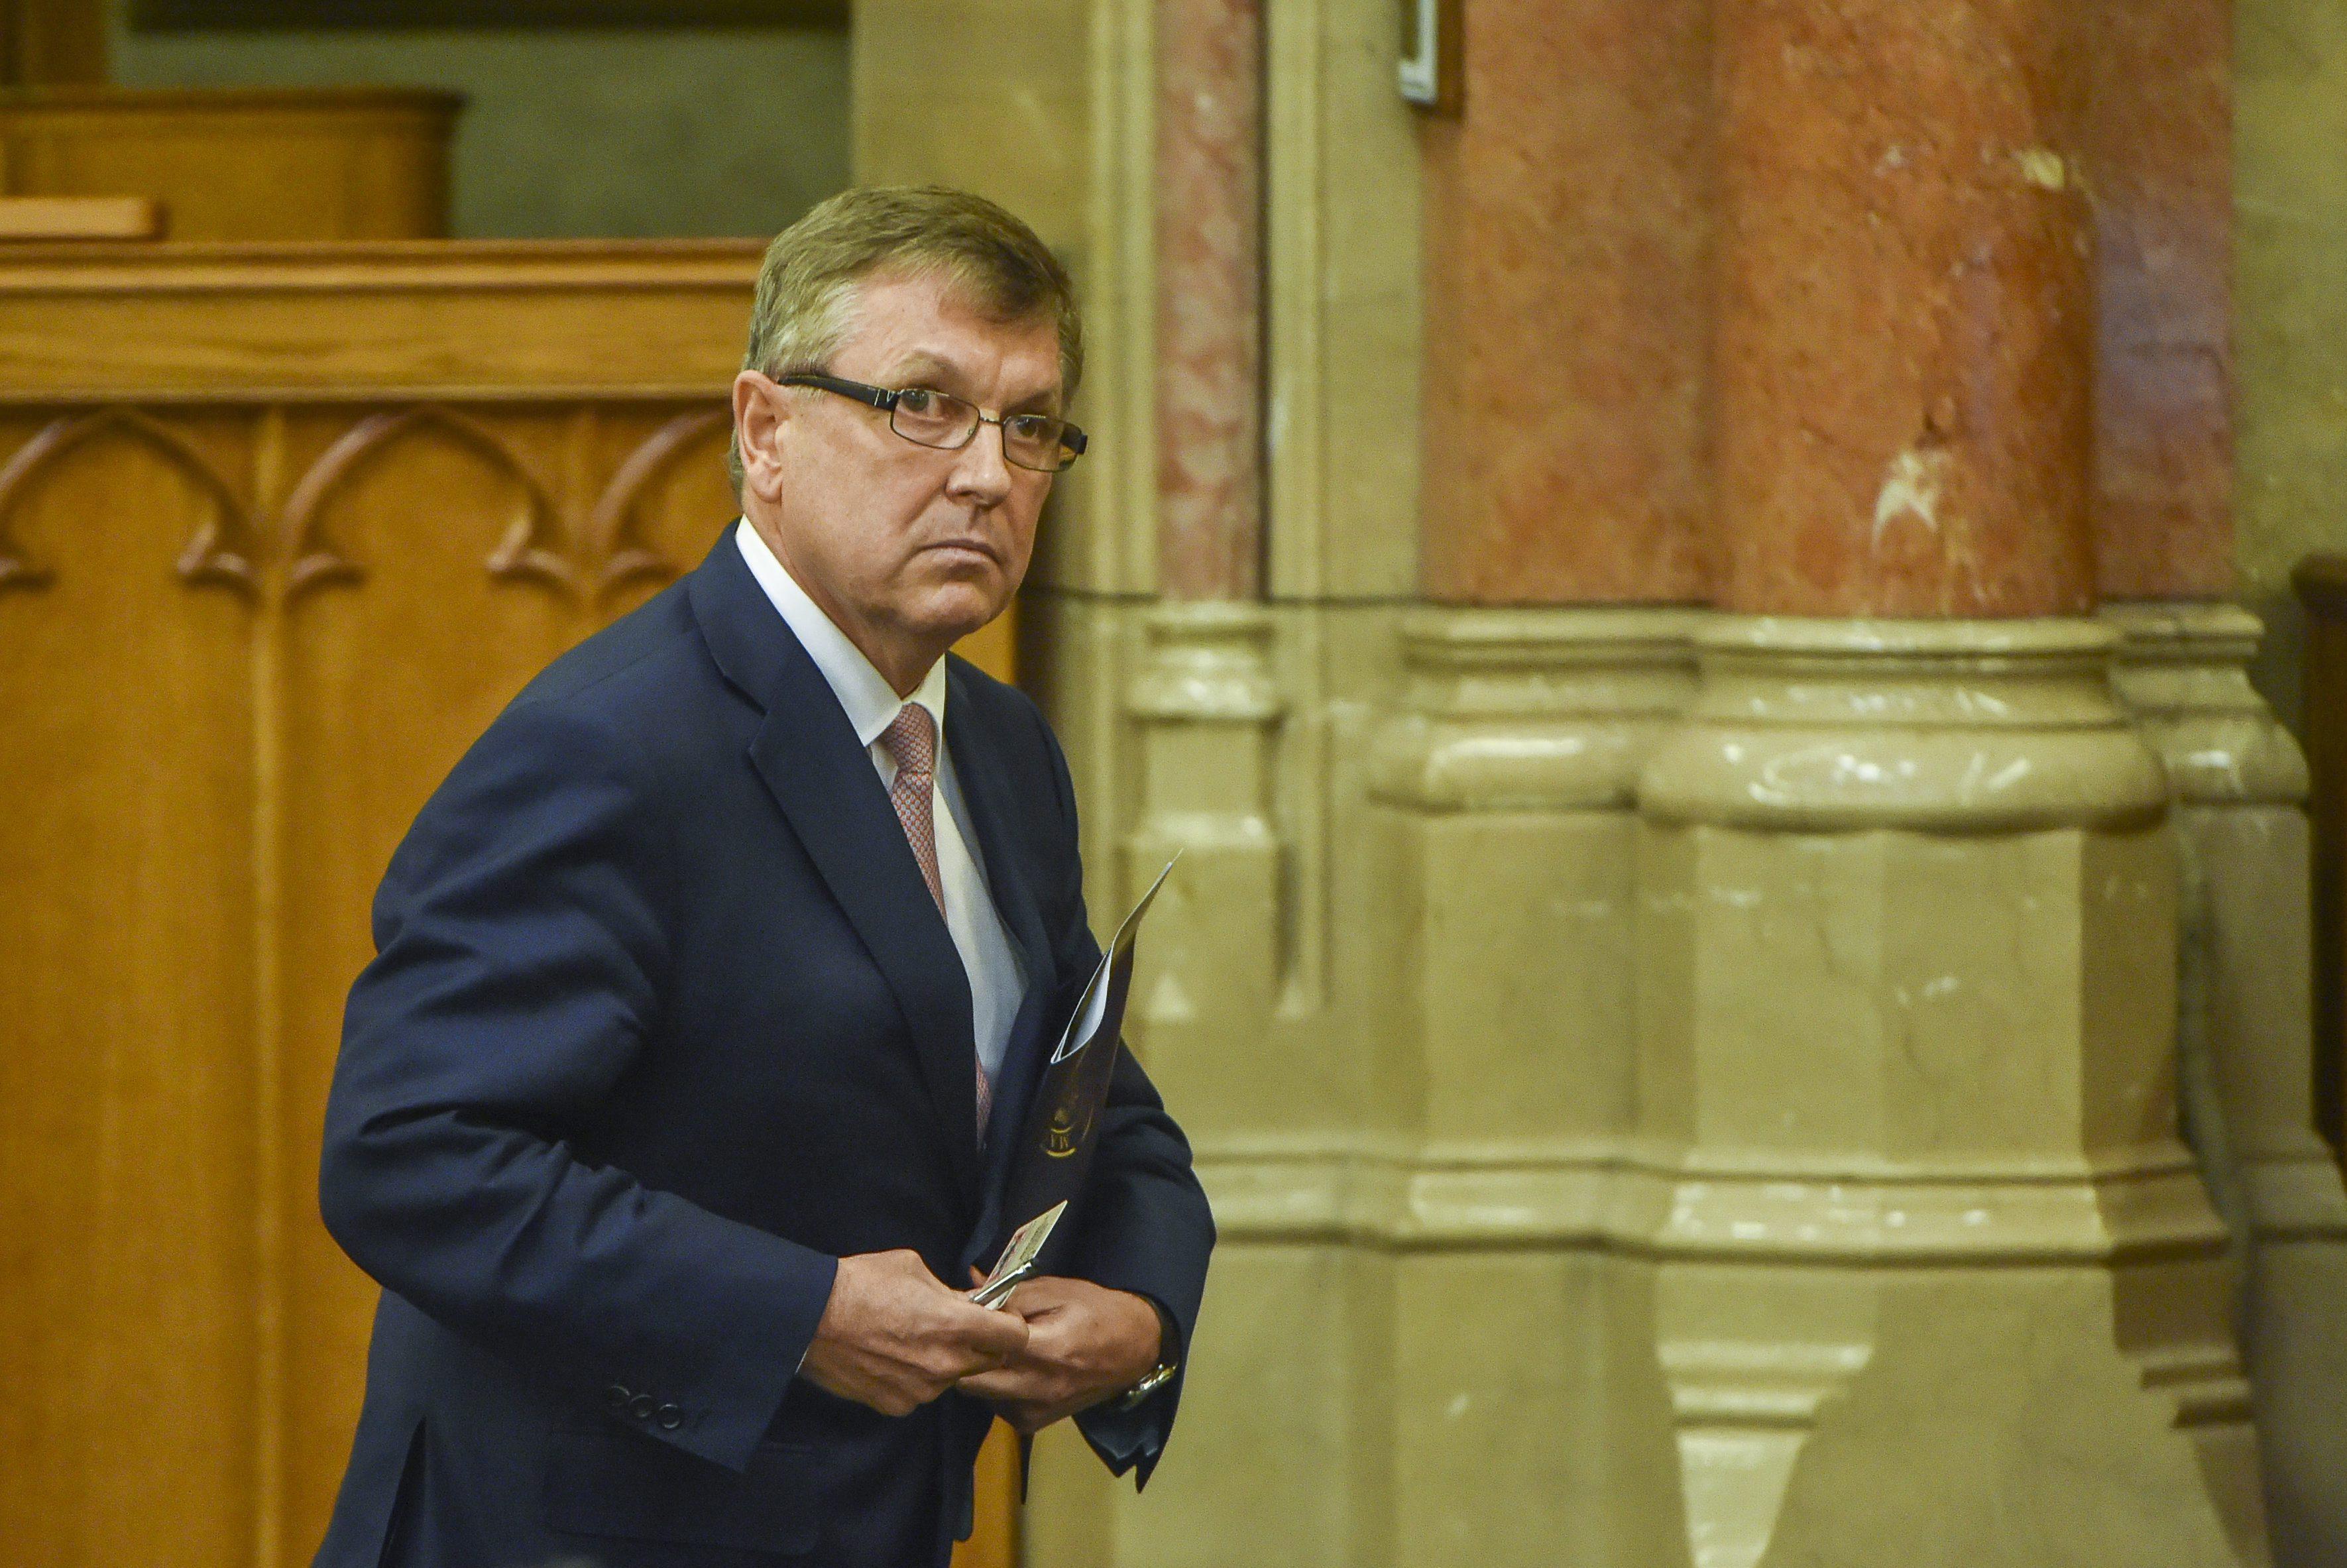 Kormánypárti javaslatra a költségvetési bizottság mégsem hallgatta meg Matolcsyt a tavalyi költségvetésről